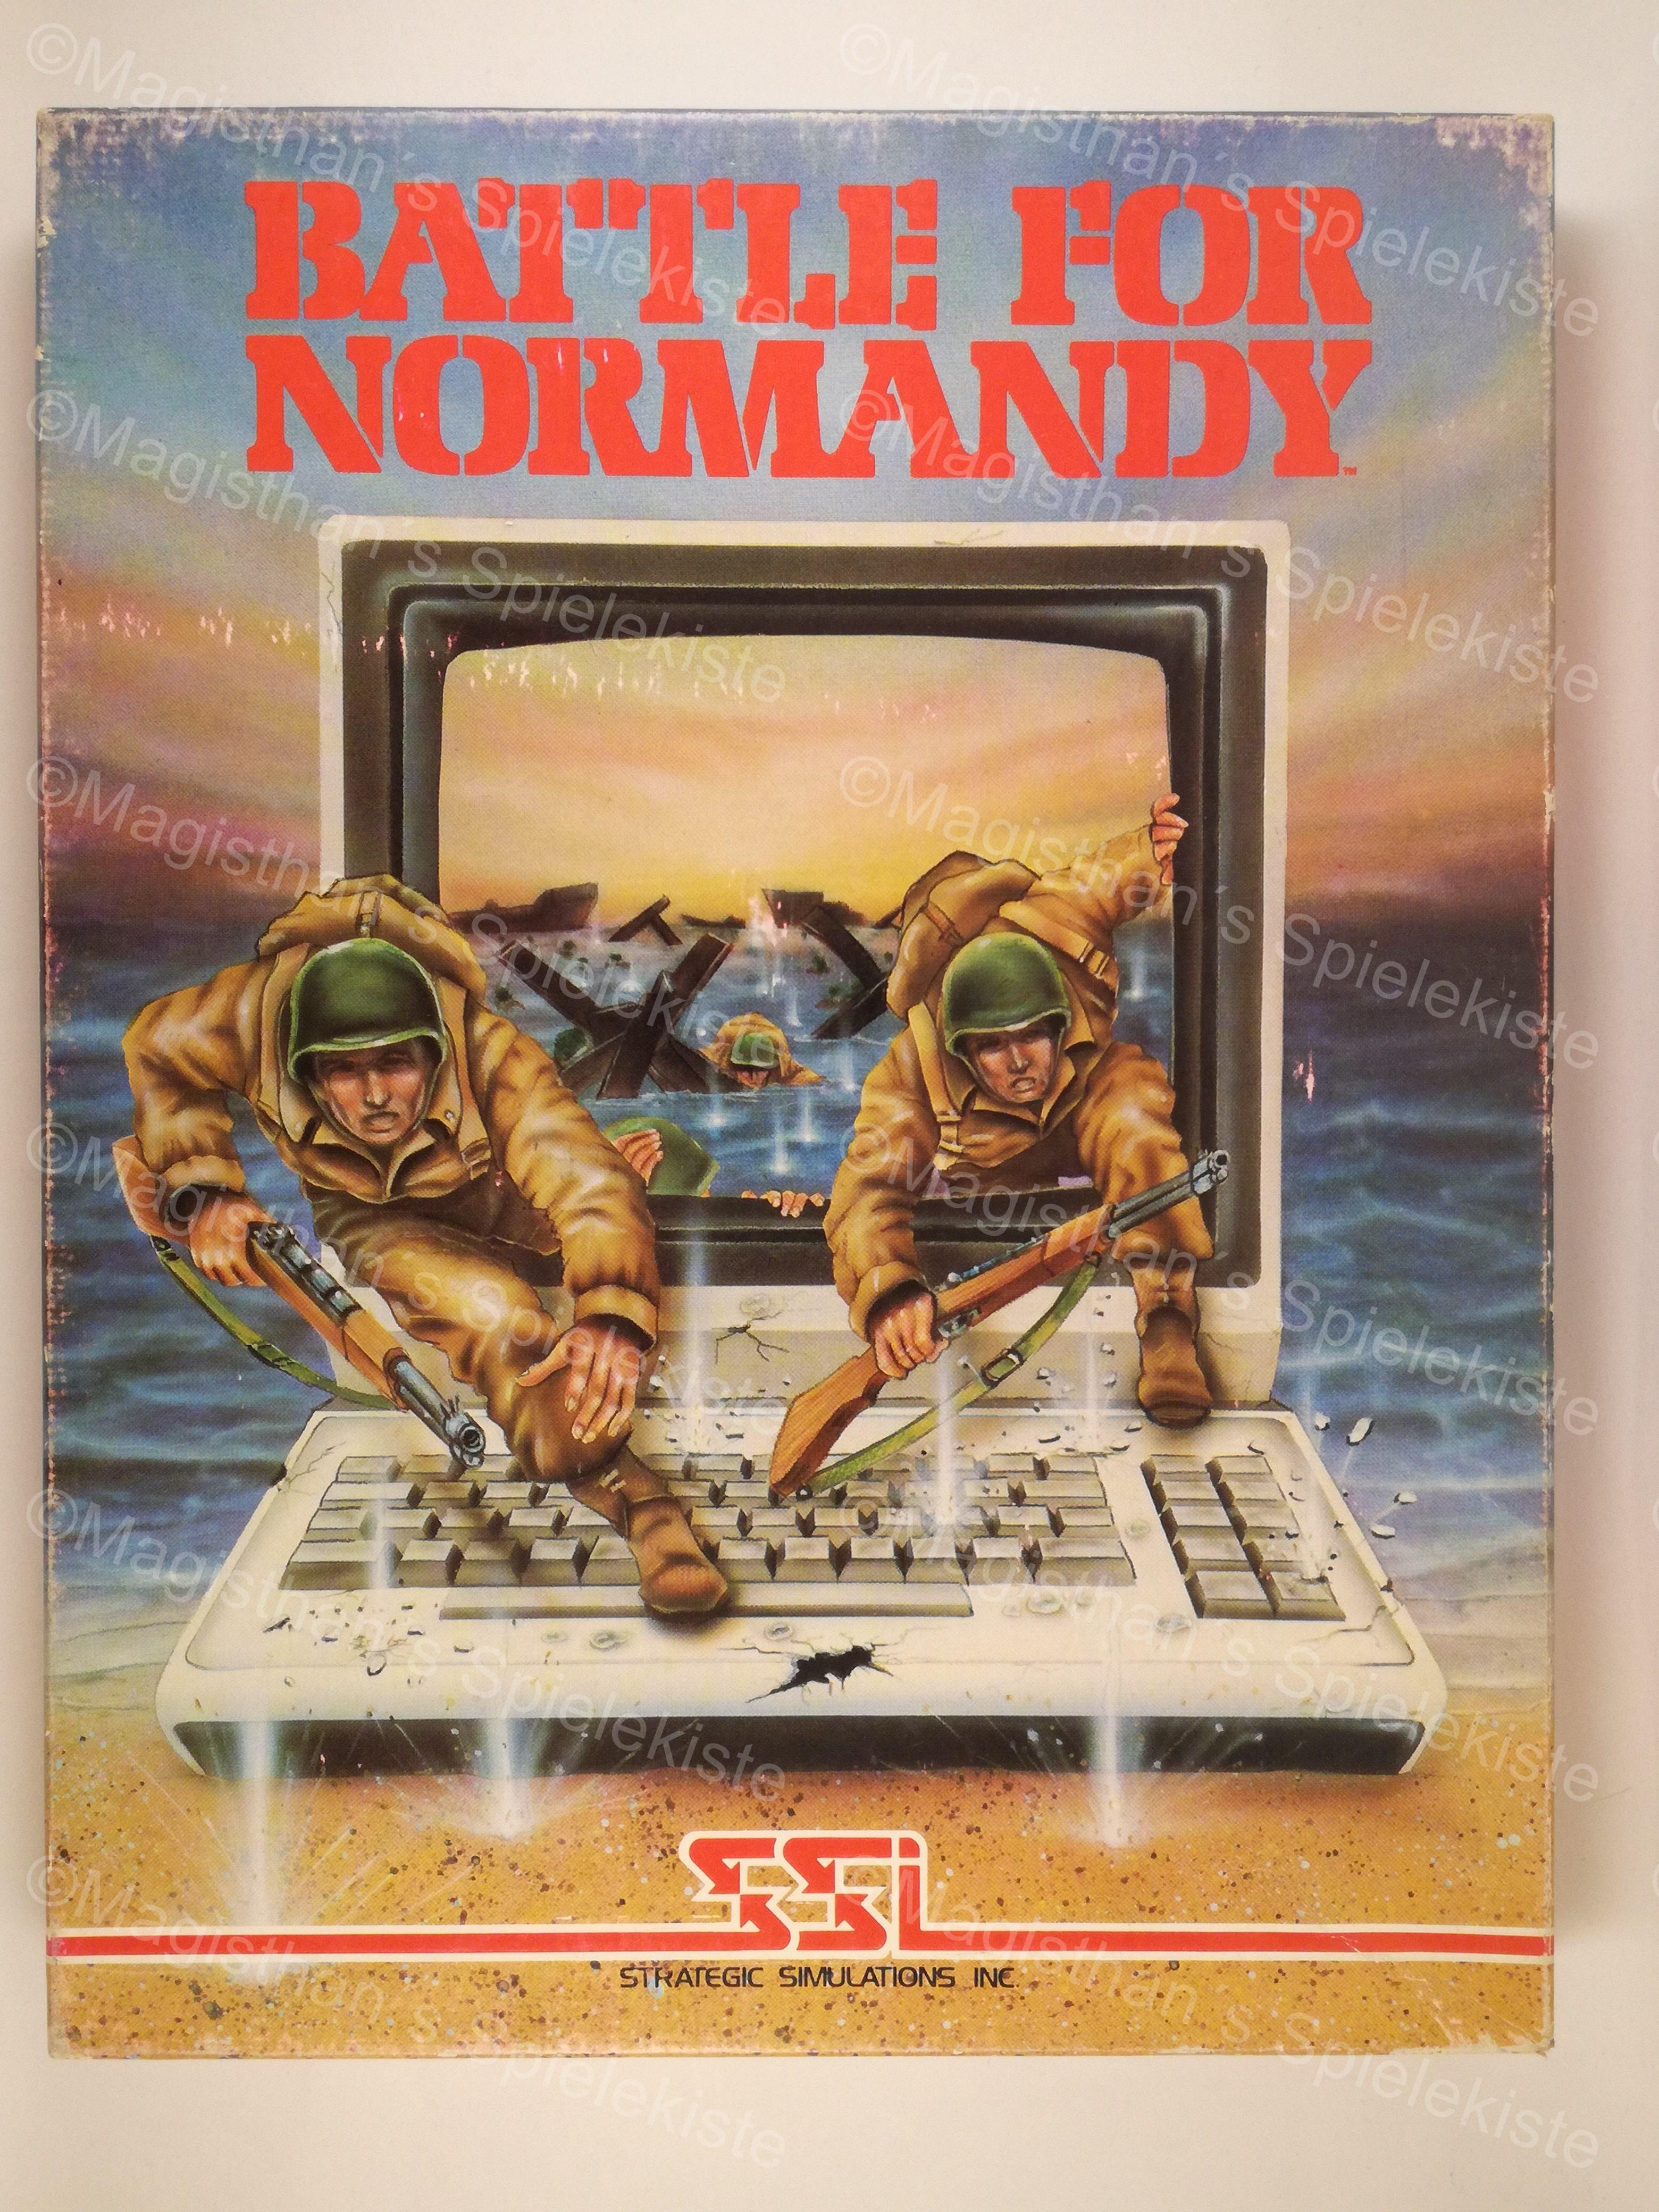 BattleforNormandy1.jpg